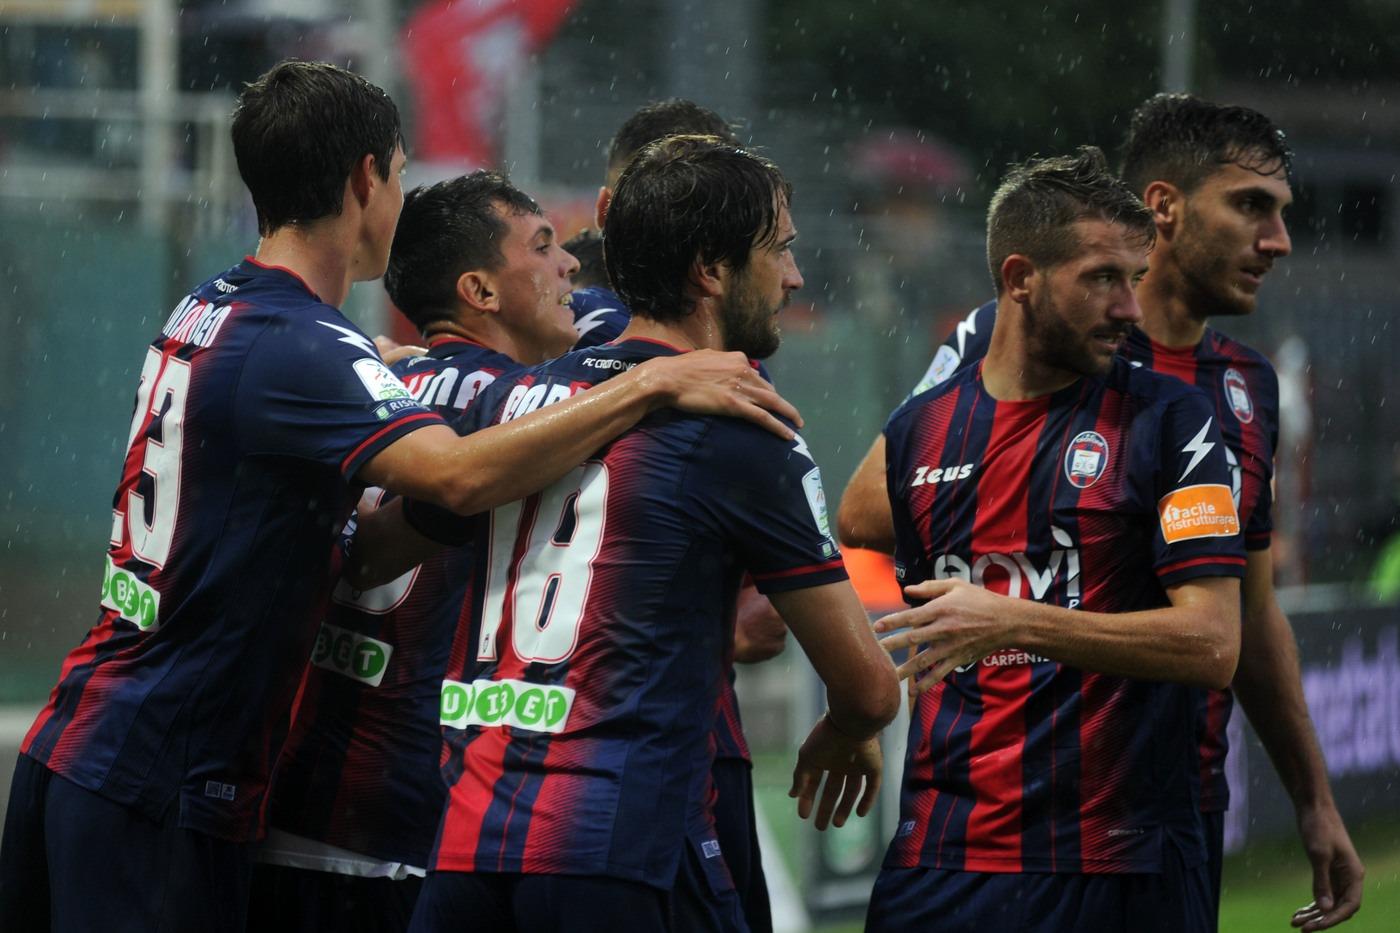 Serie B, Foggia-Crotone venerdì 25 gennaio: analisi e pronostico dell'anticipo della 21ma giornata del campionato cadetto